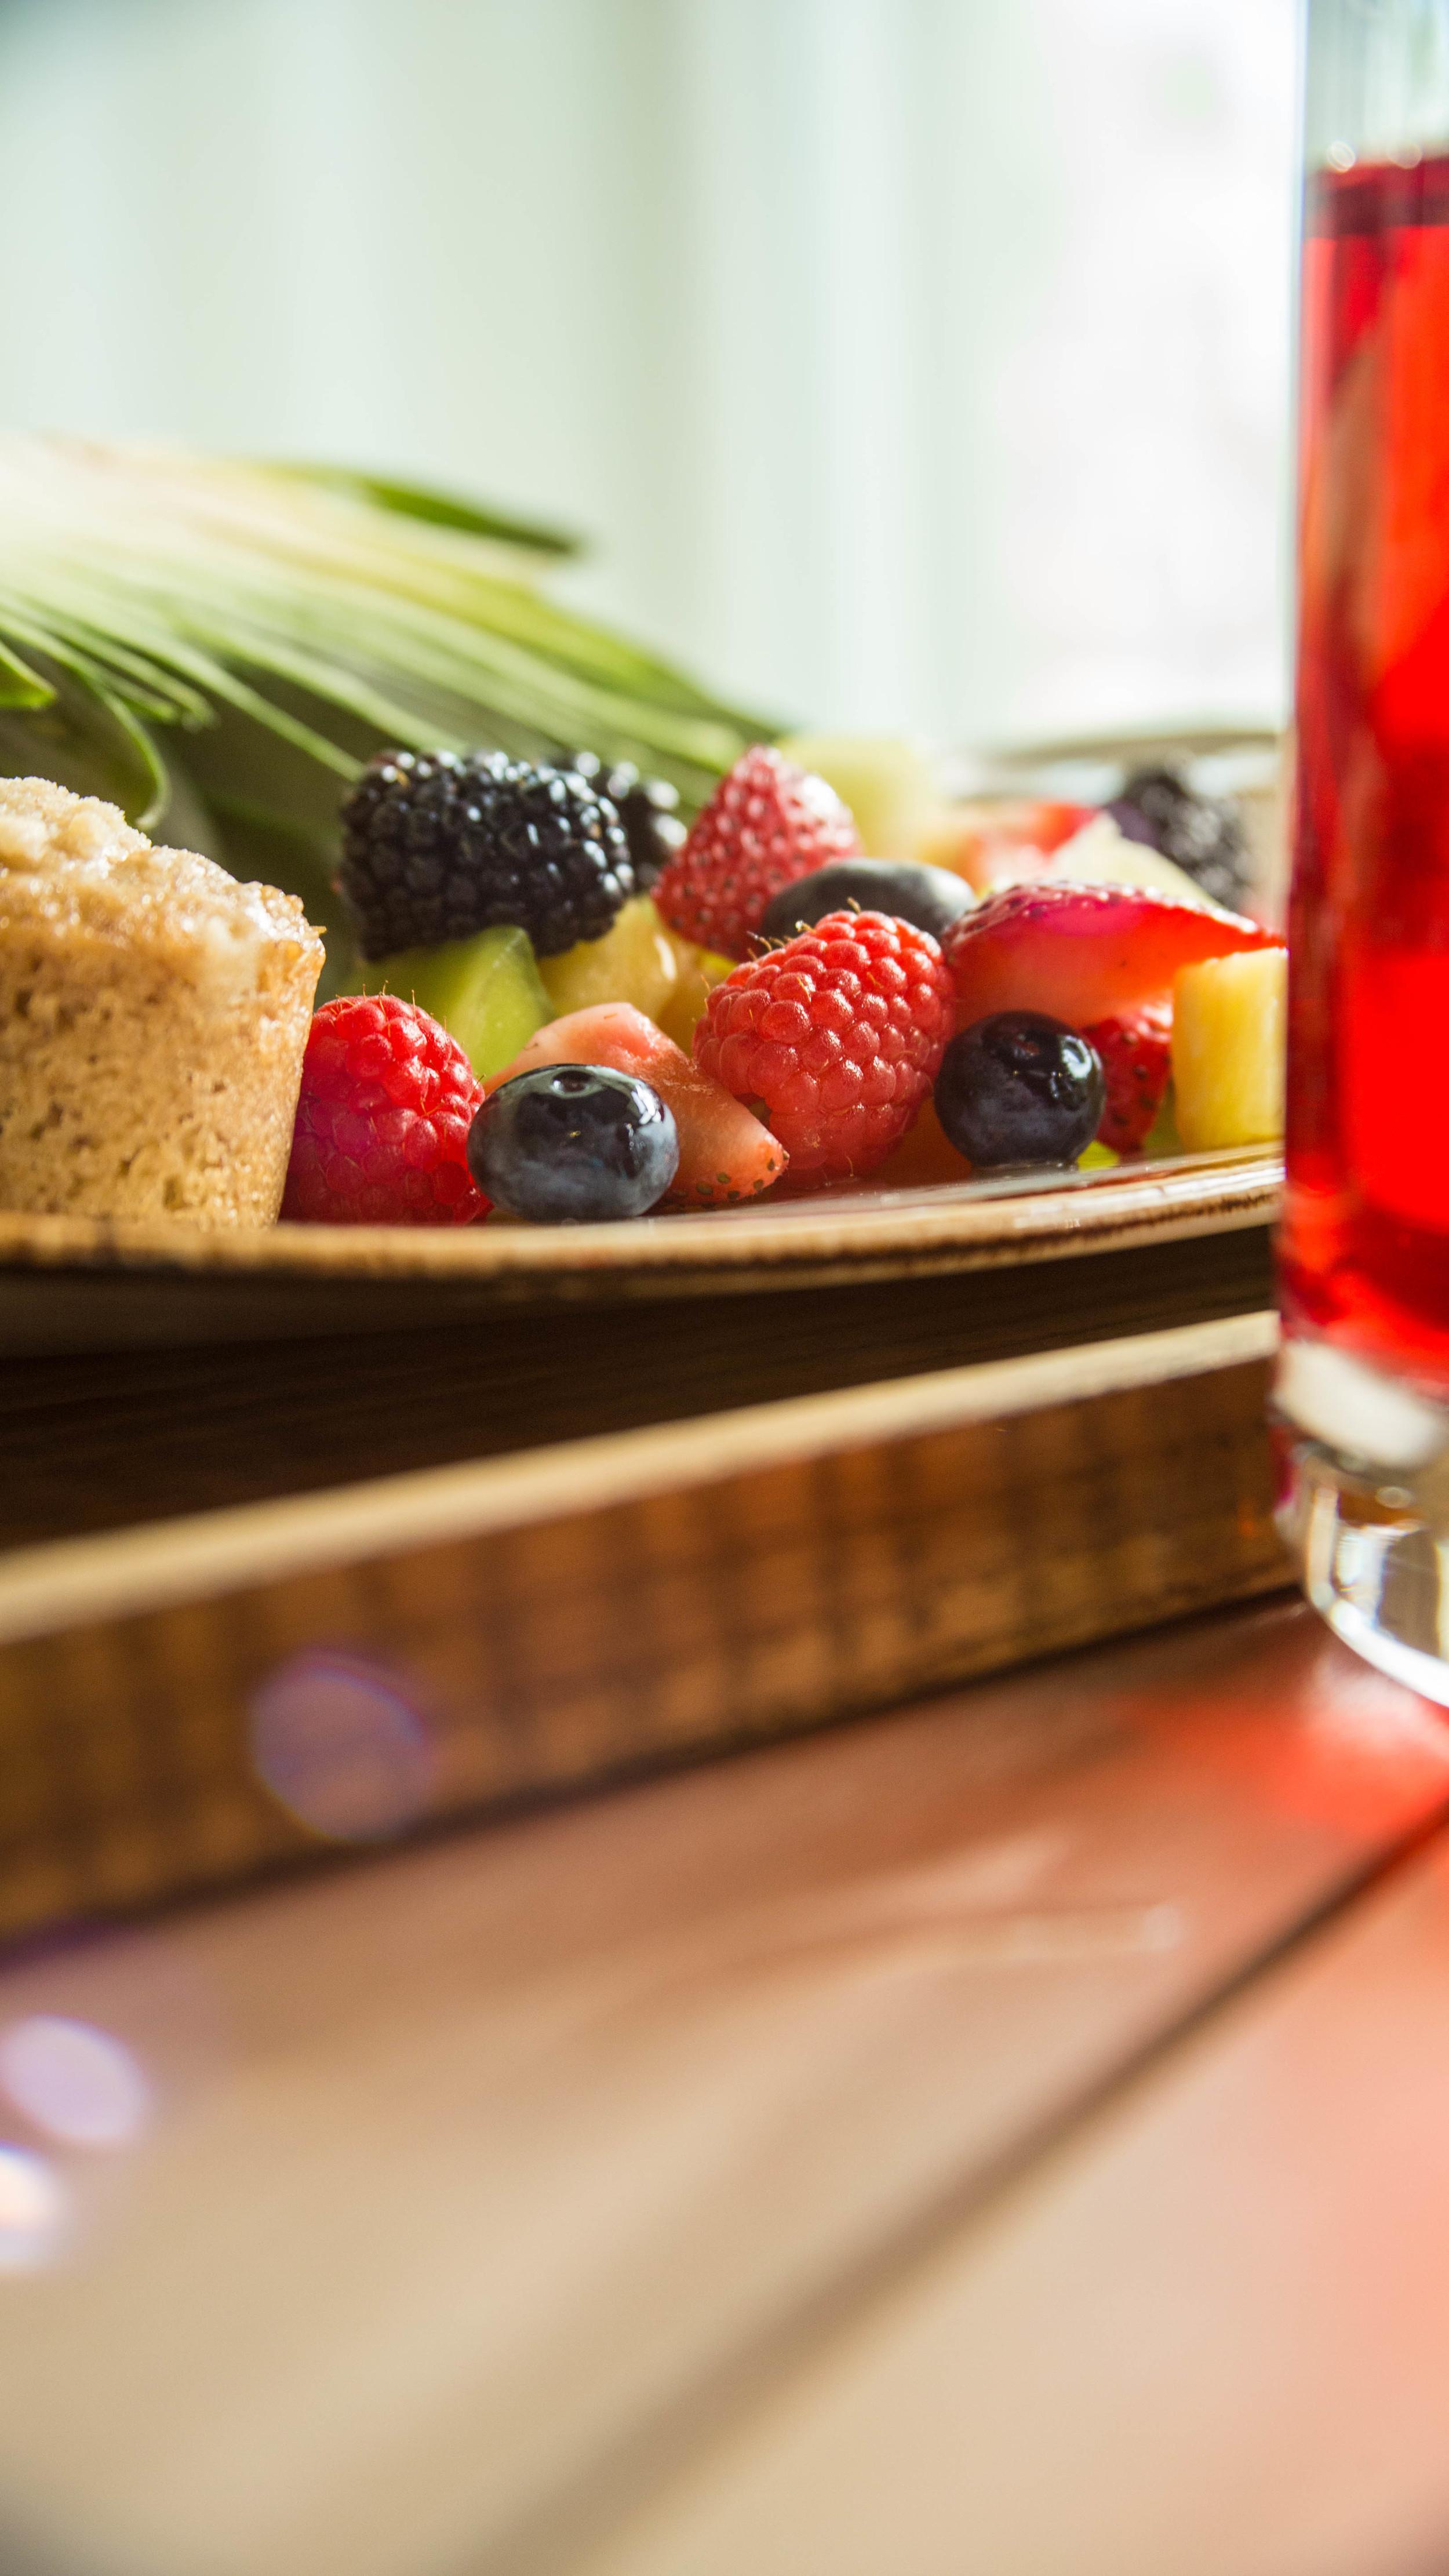 LSFR_Fruit_Breakfast_586A6995.jpg